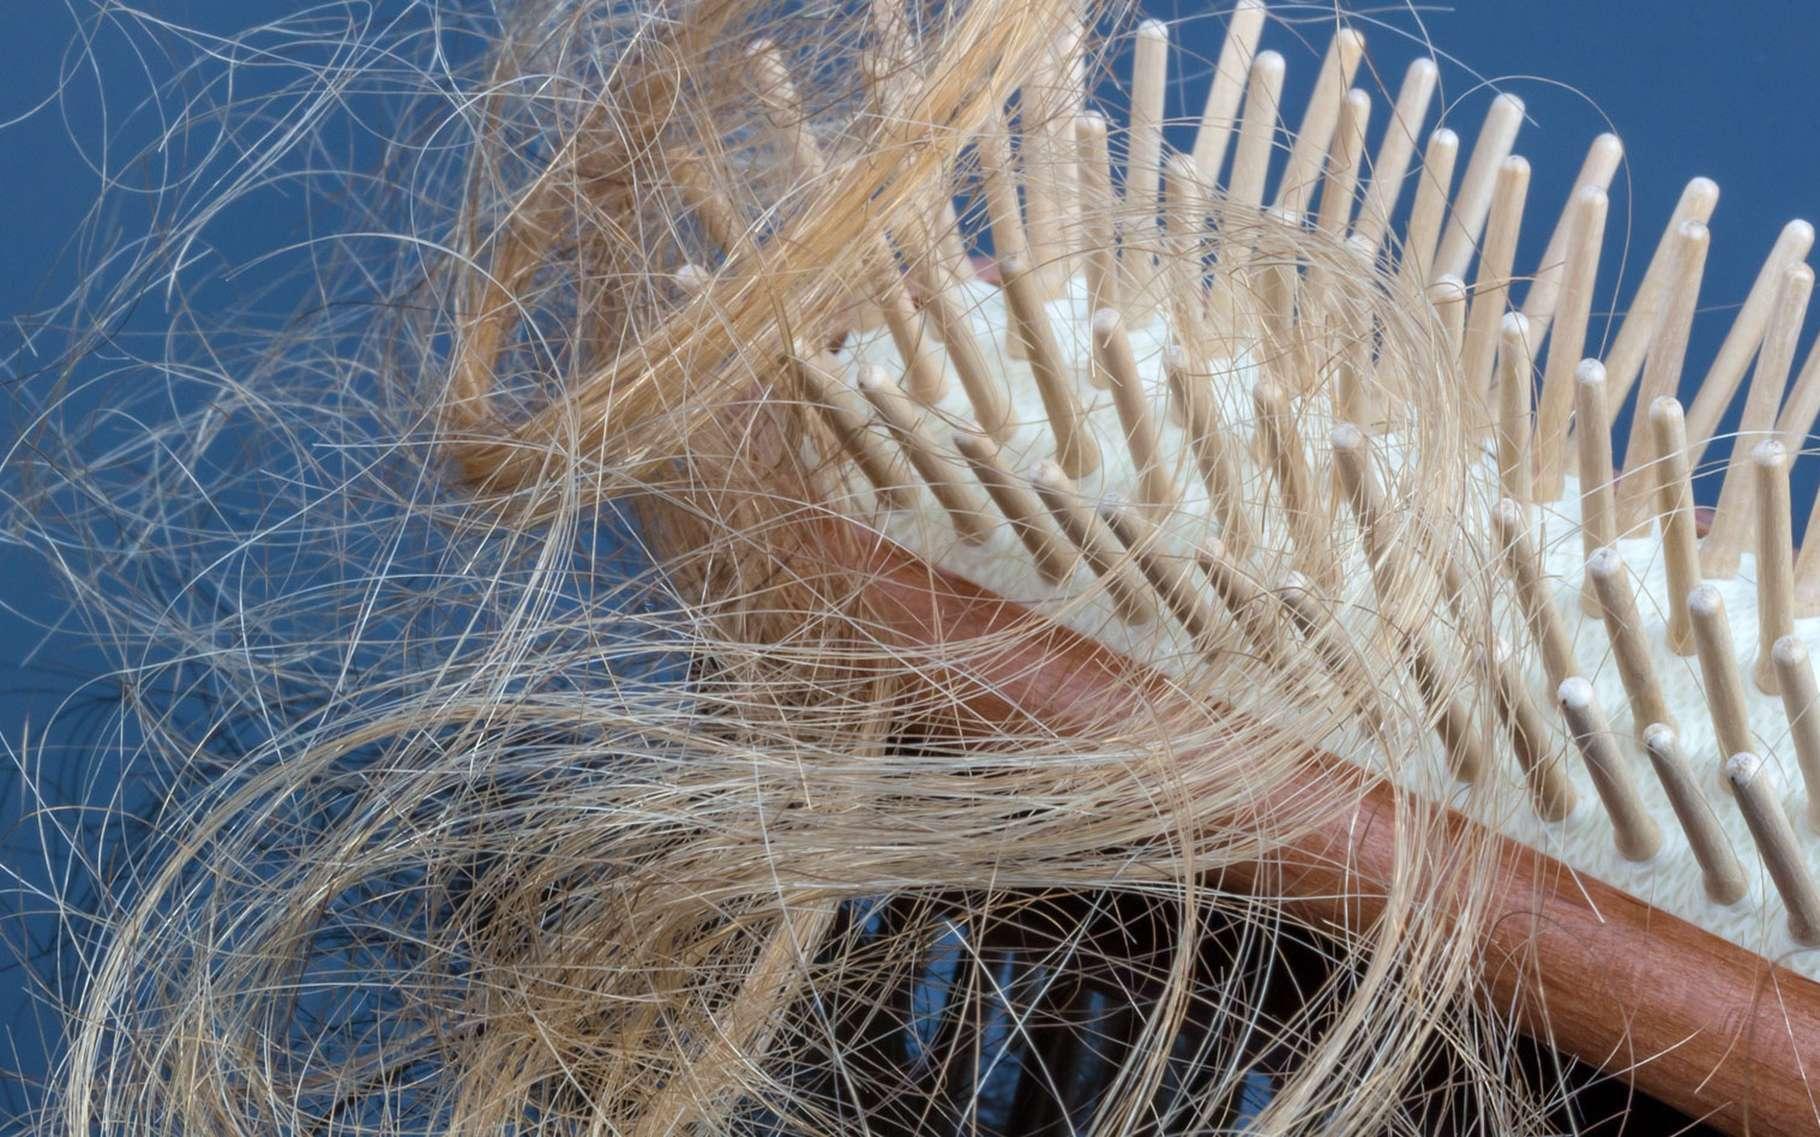 À quoi est due la chute de cheveux saisonnière ? © Gina Sanders - Fotolia